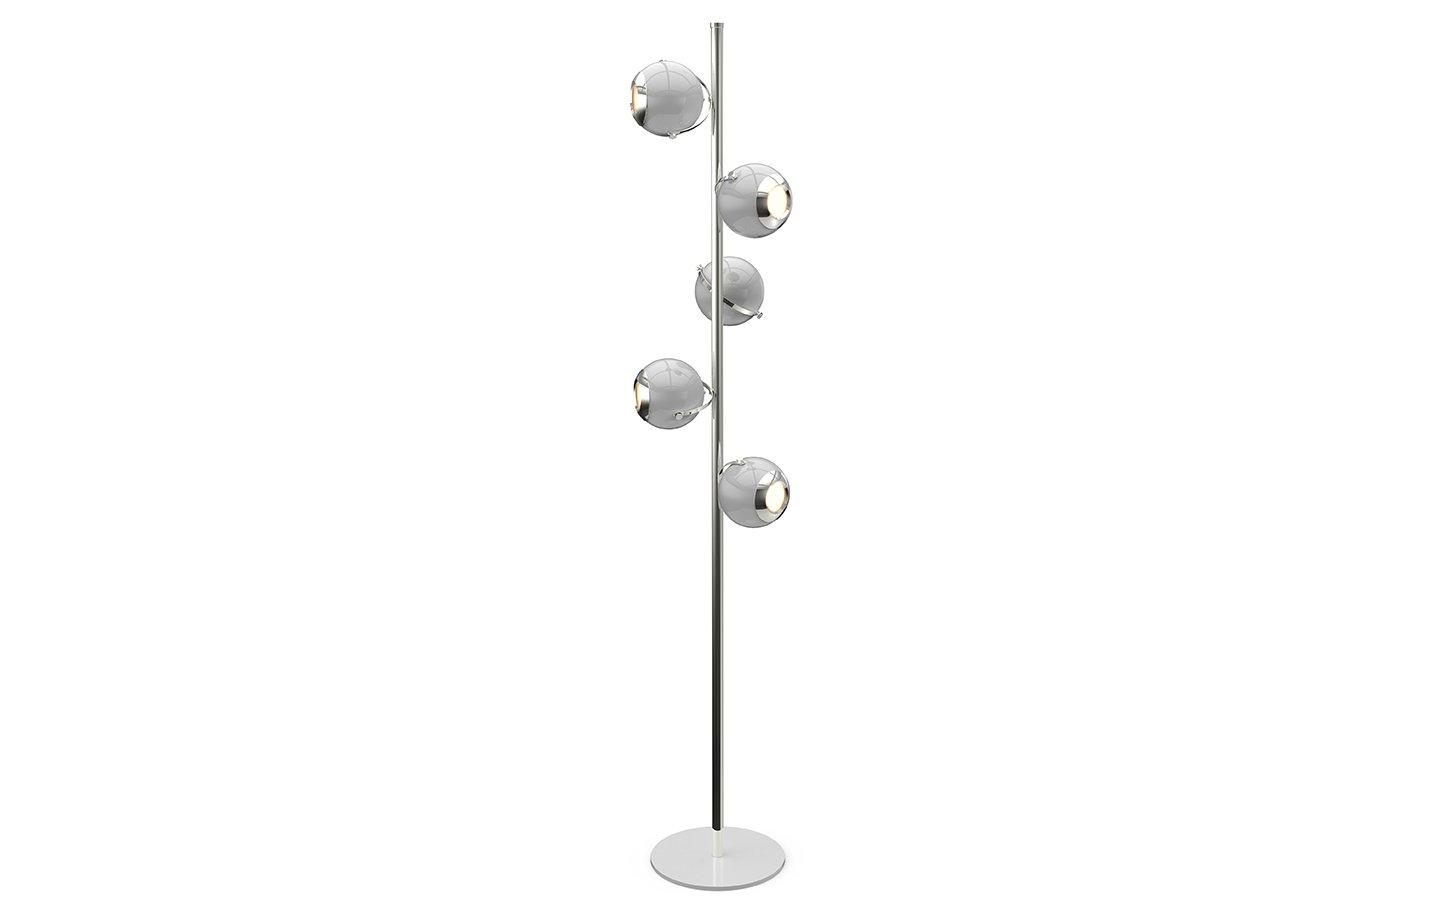 Scofield floor lamp – White